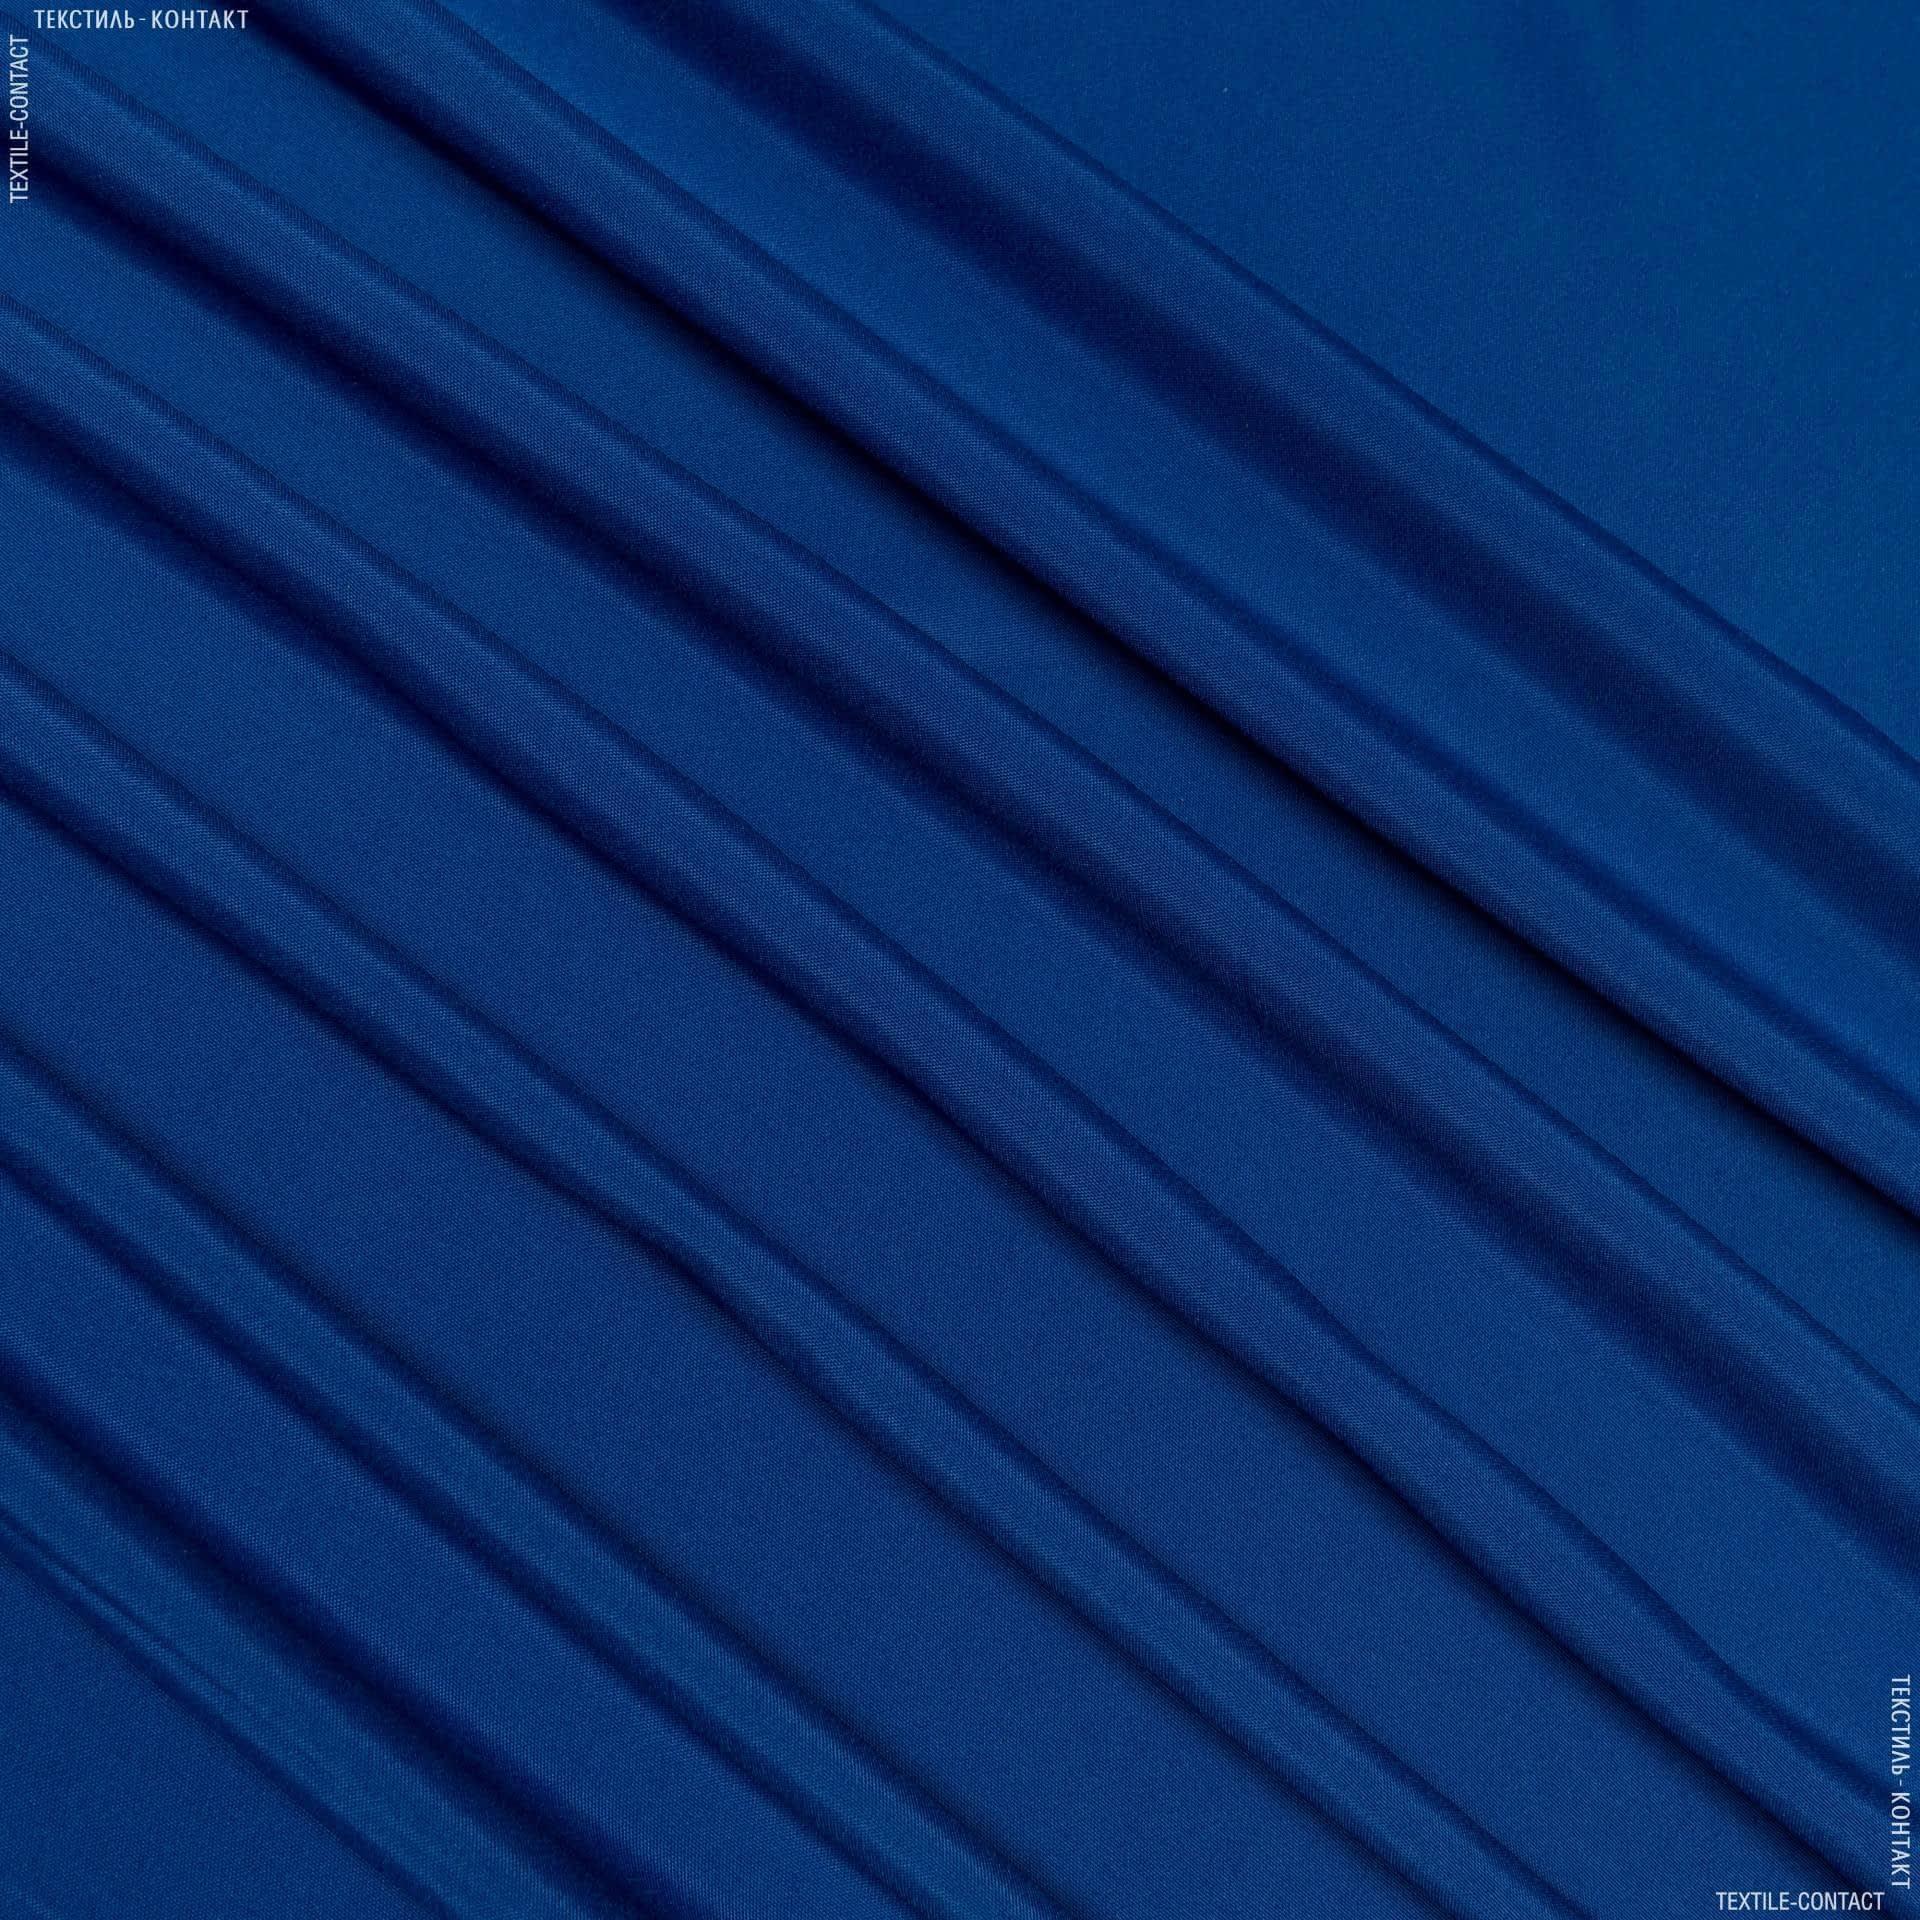 Ткани портьерные ткани -  универсал электрик